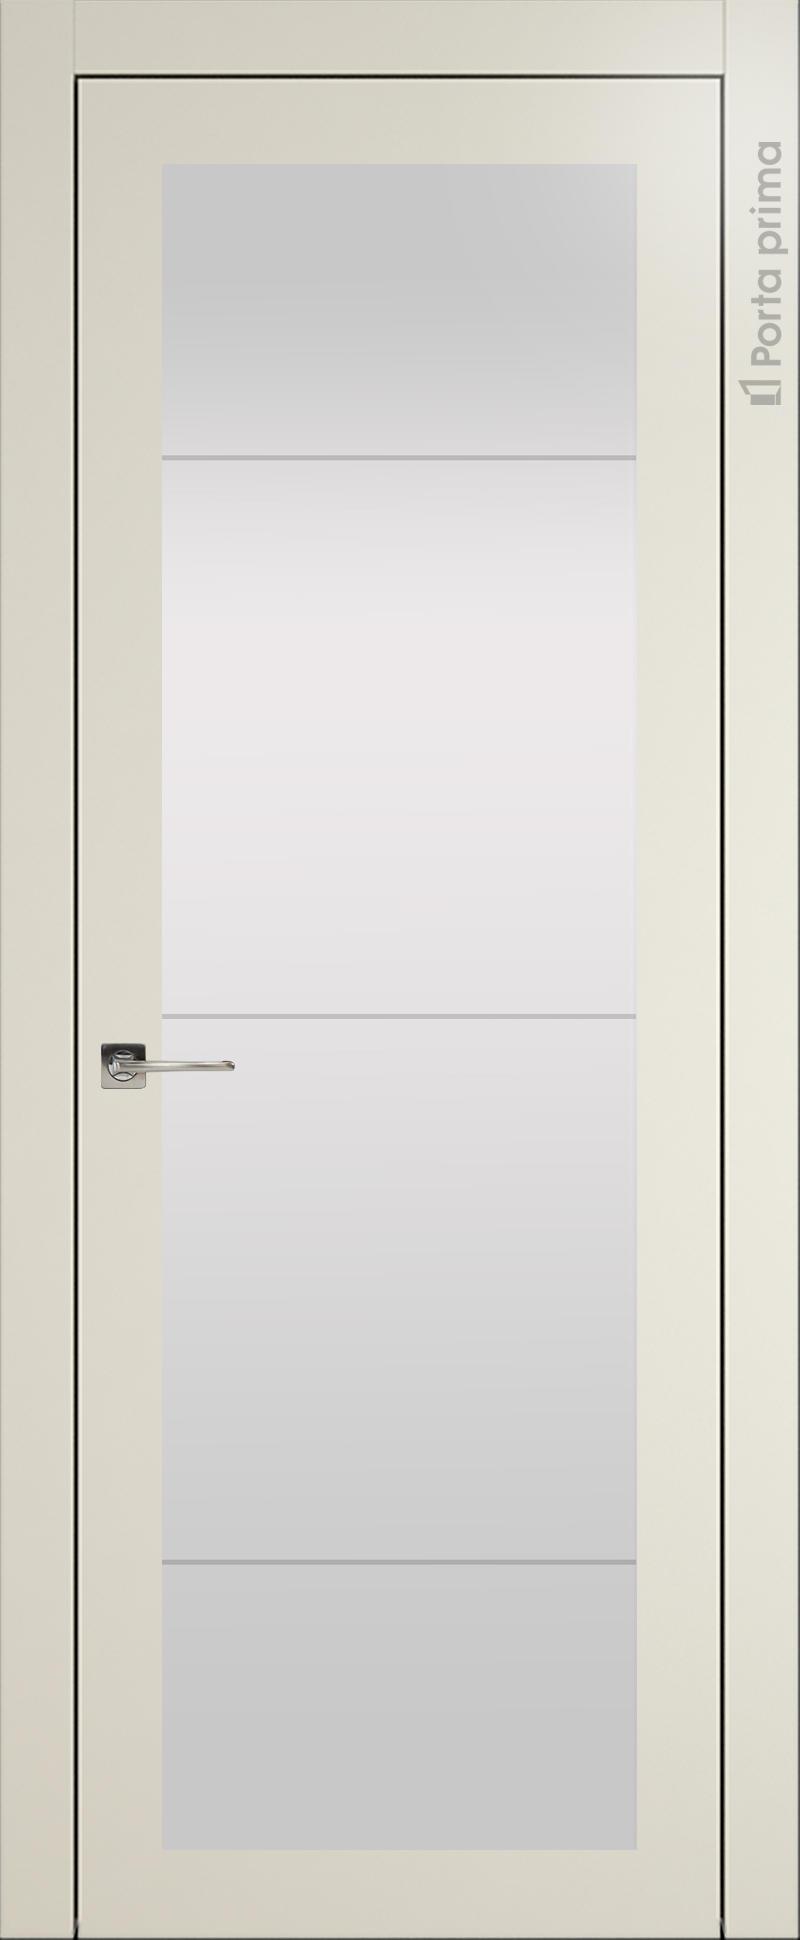 Tivoli З-3 цвет - Жемчужная эмаль (RAL 1013) Со стеклом (ДО)